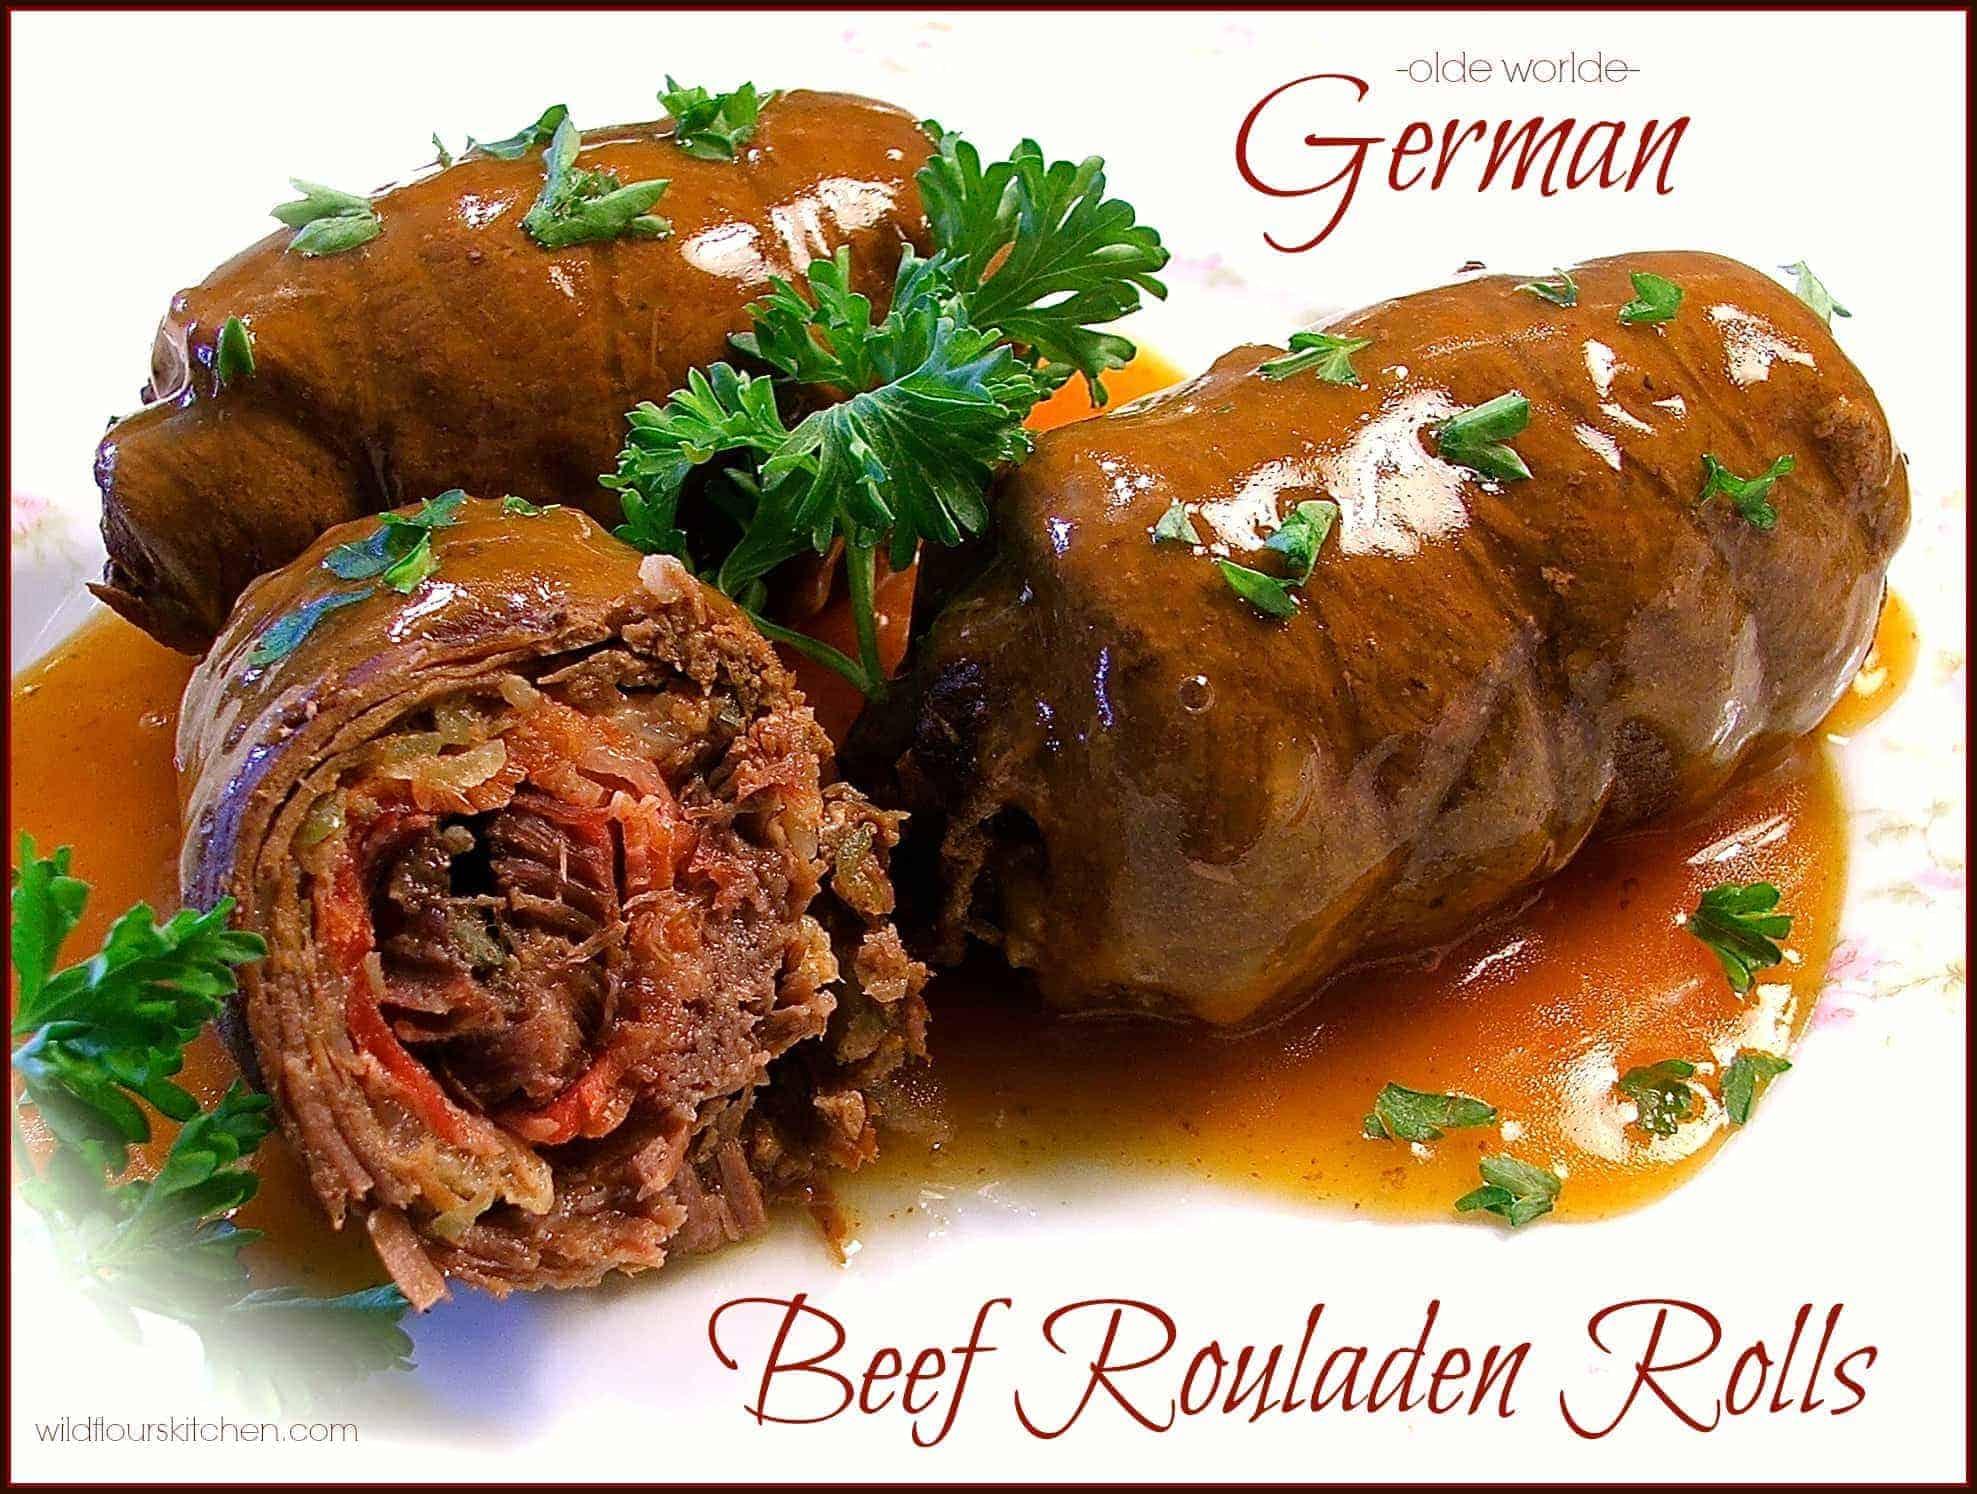 German beef rouladen rolls